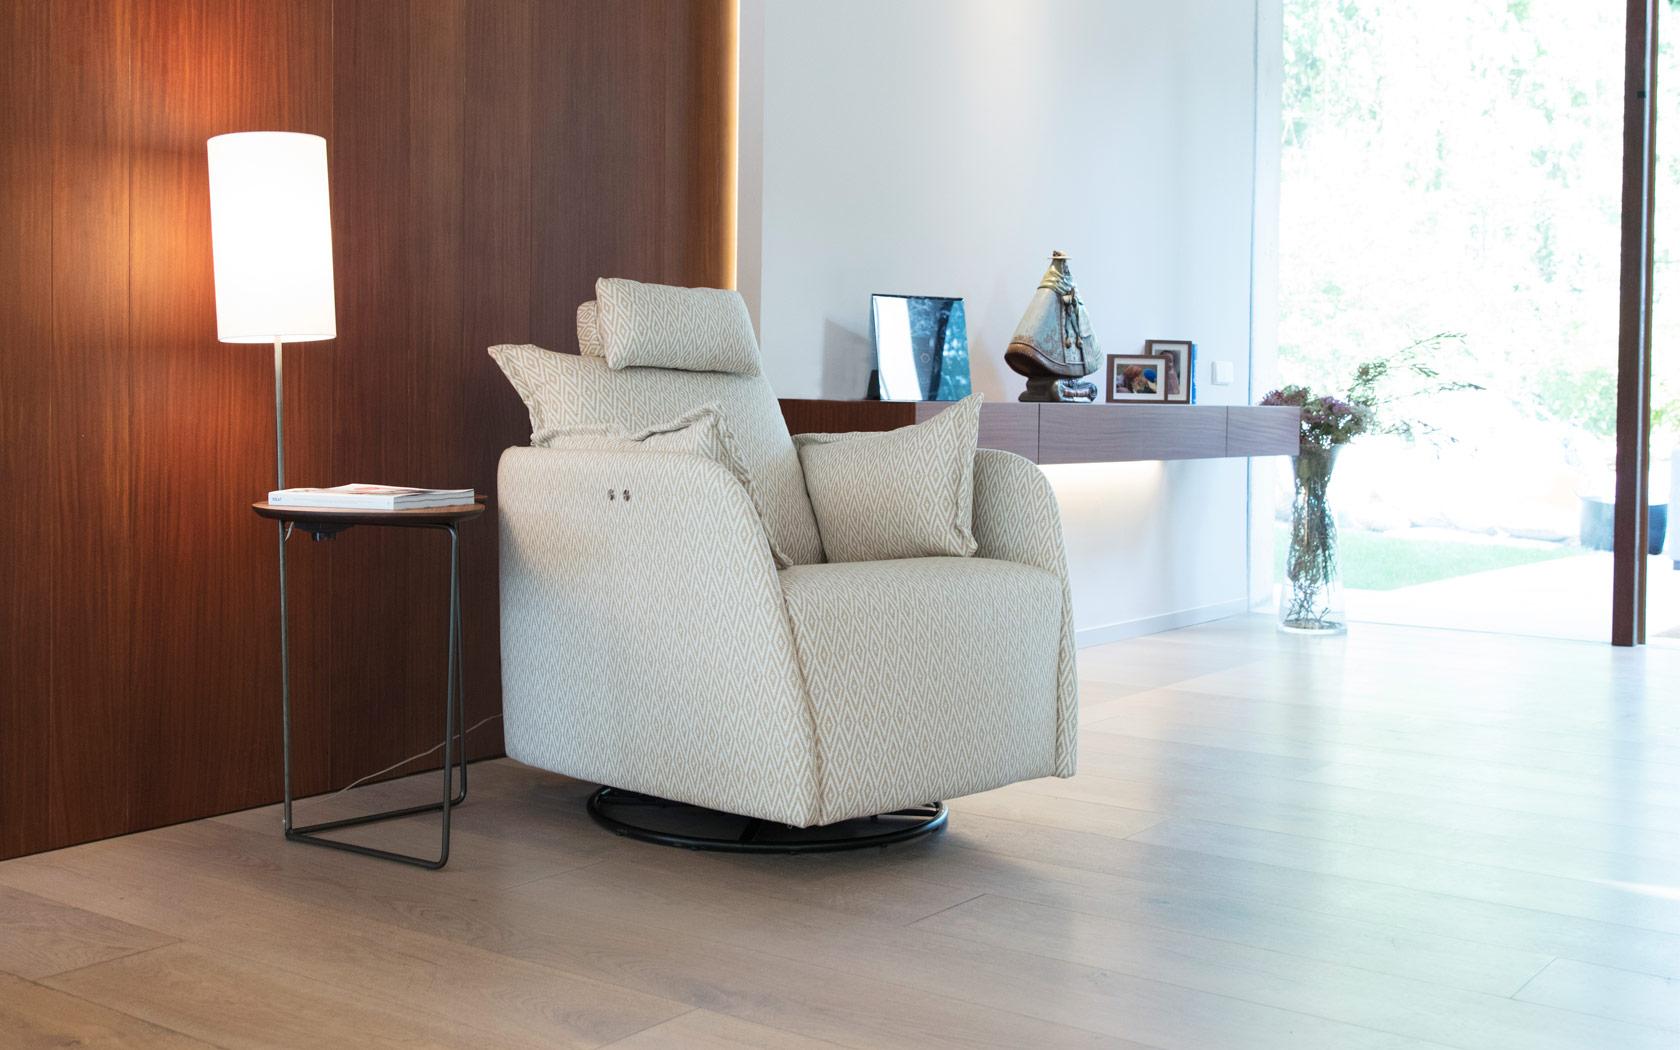 Nadia sillón relax 2020 01